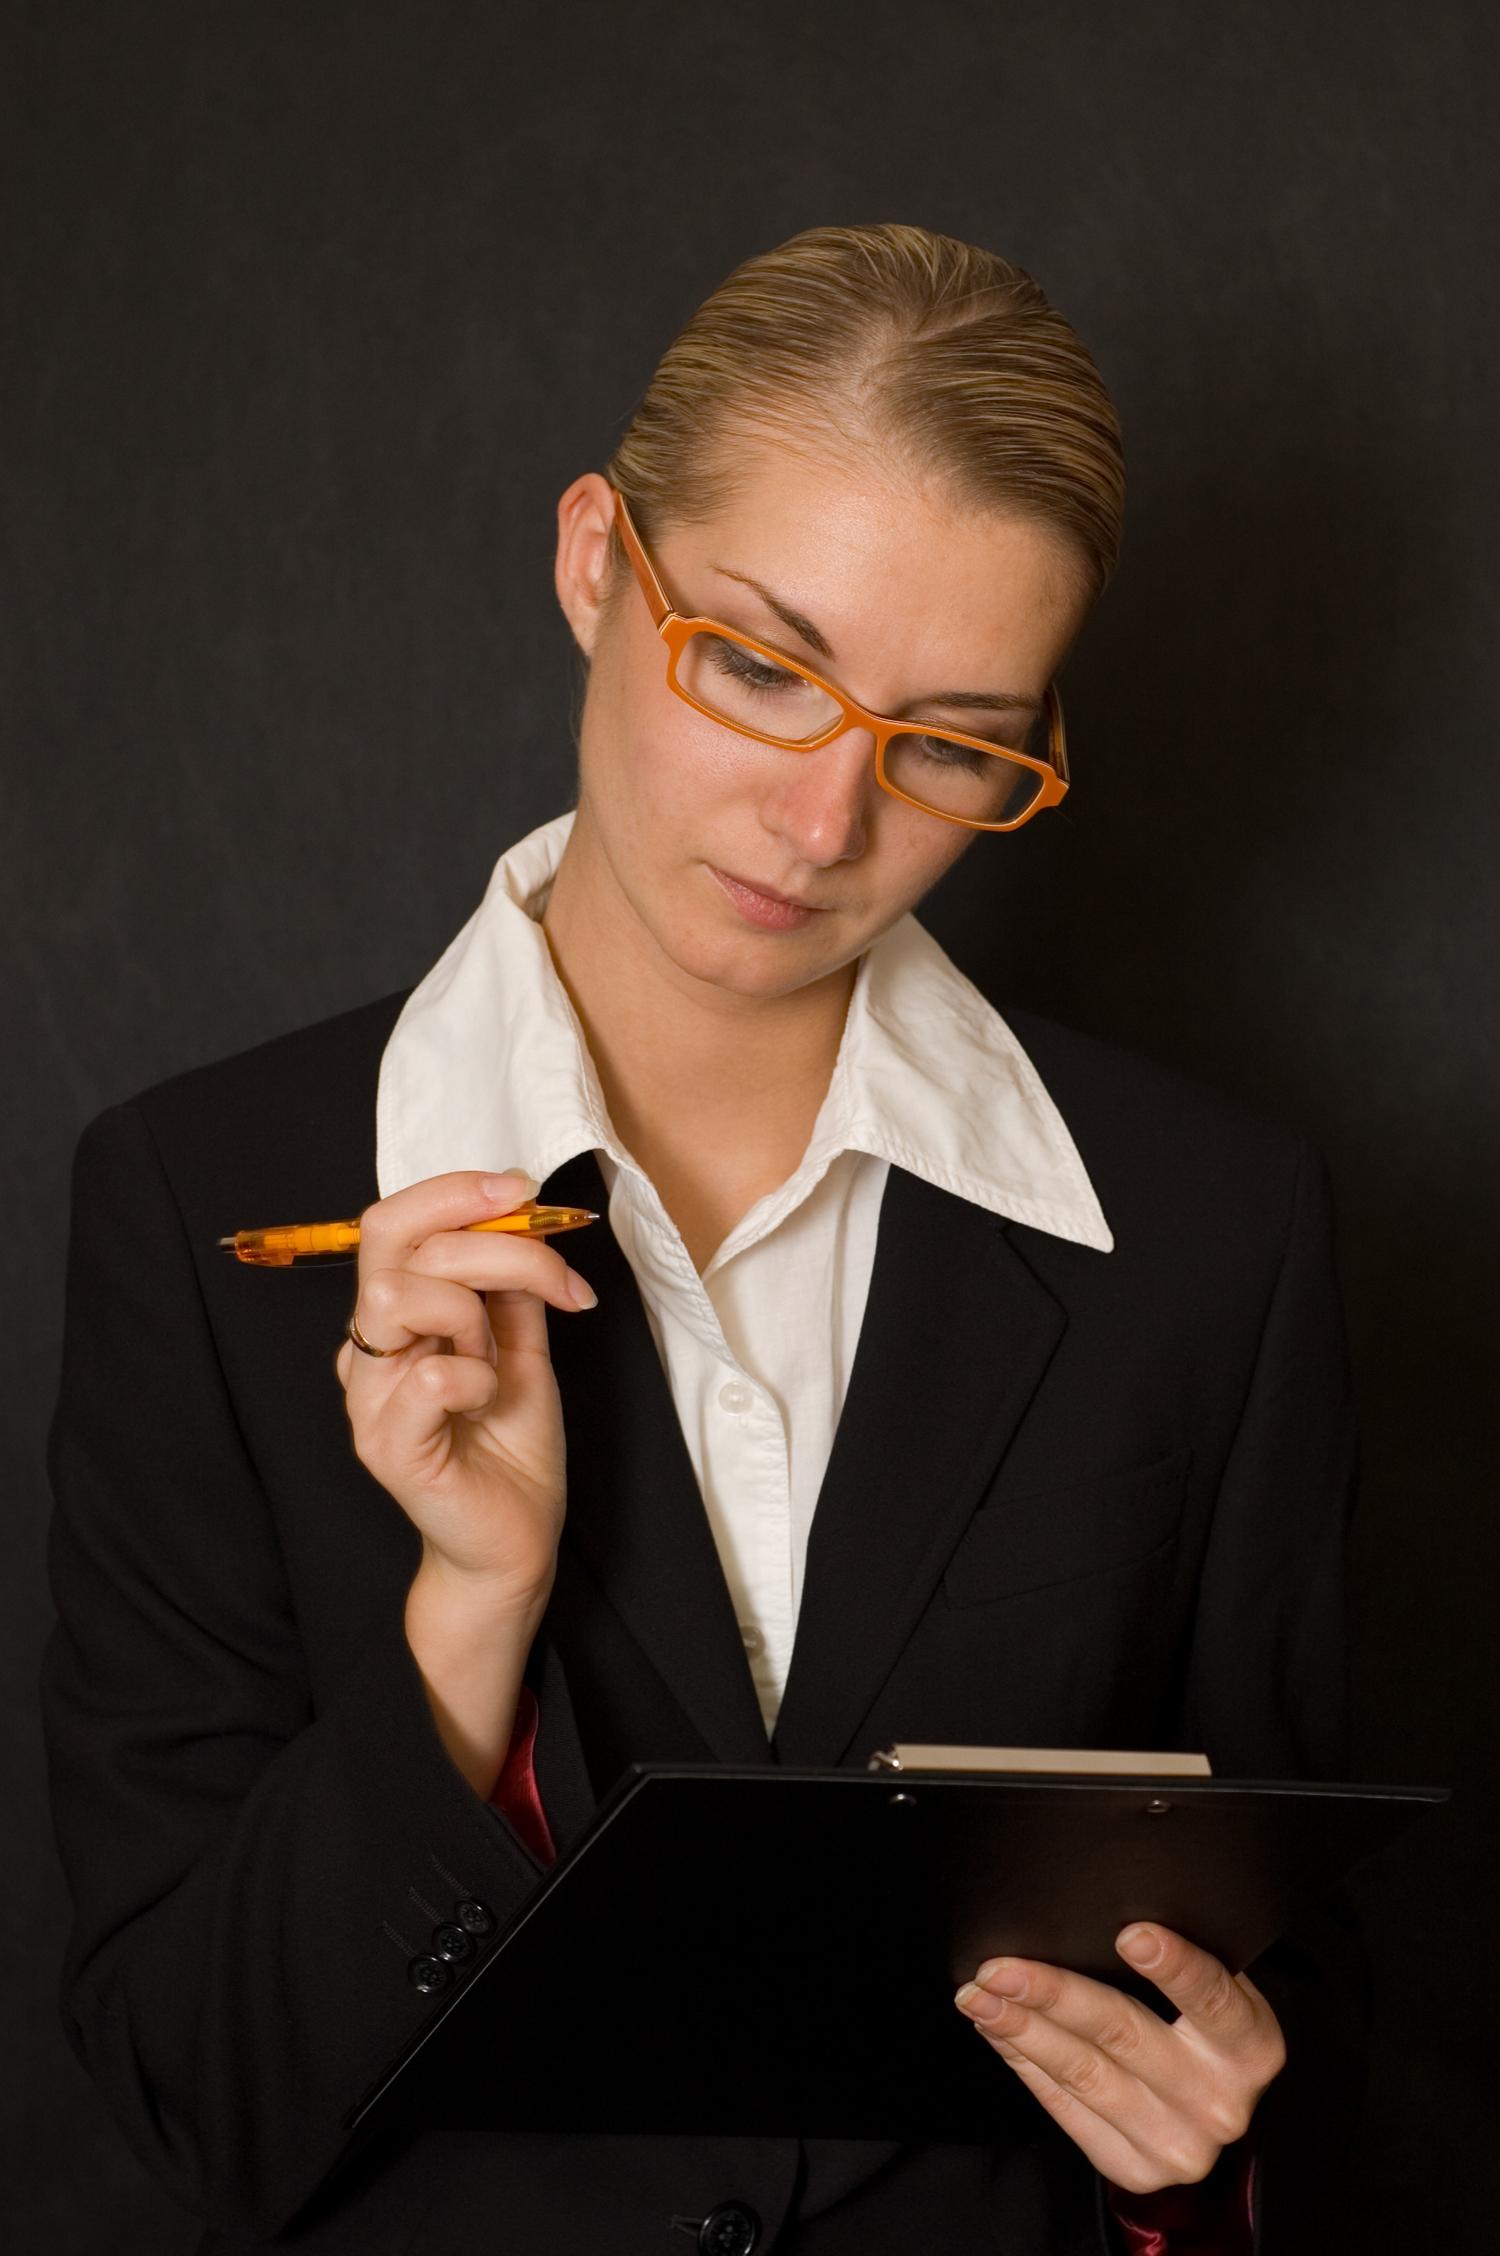 как написать автореферат диссертации